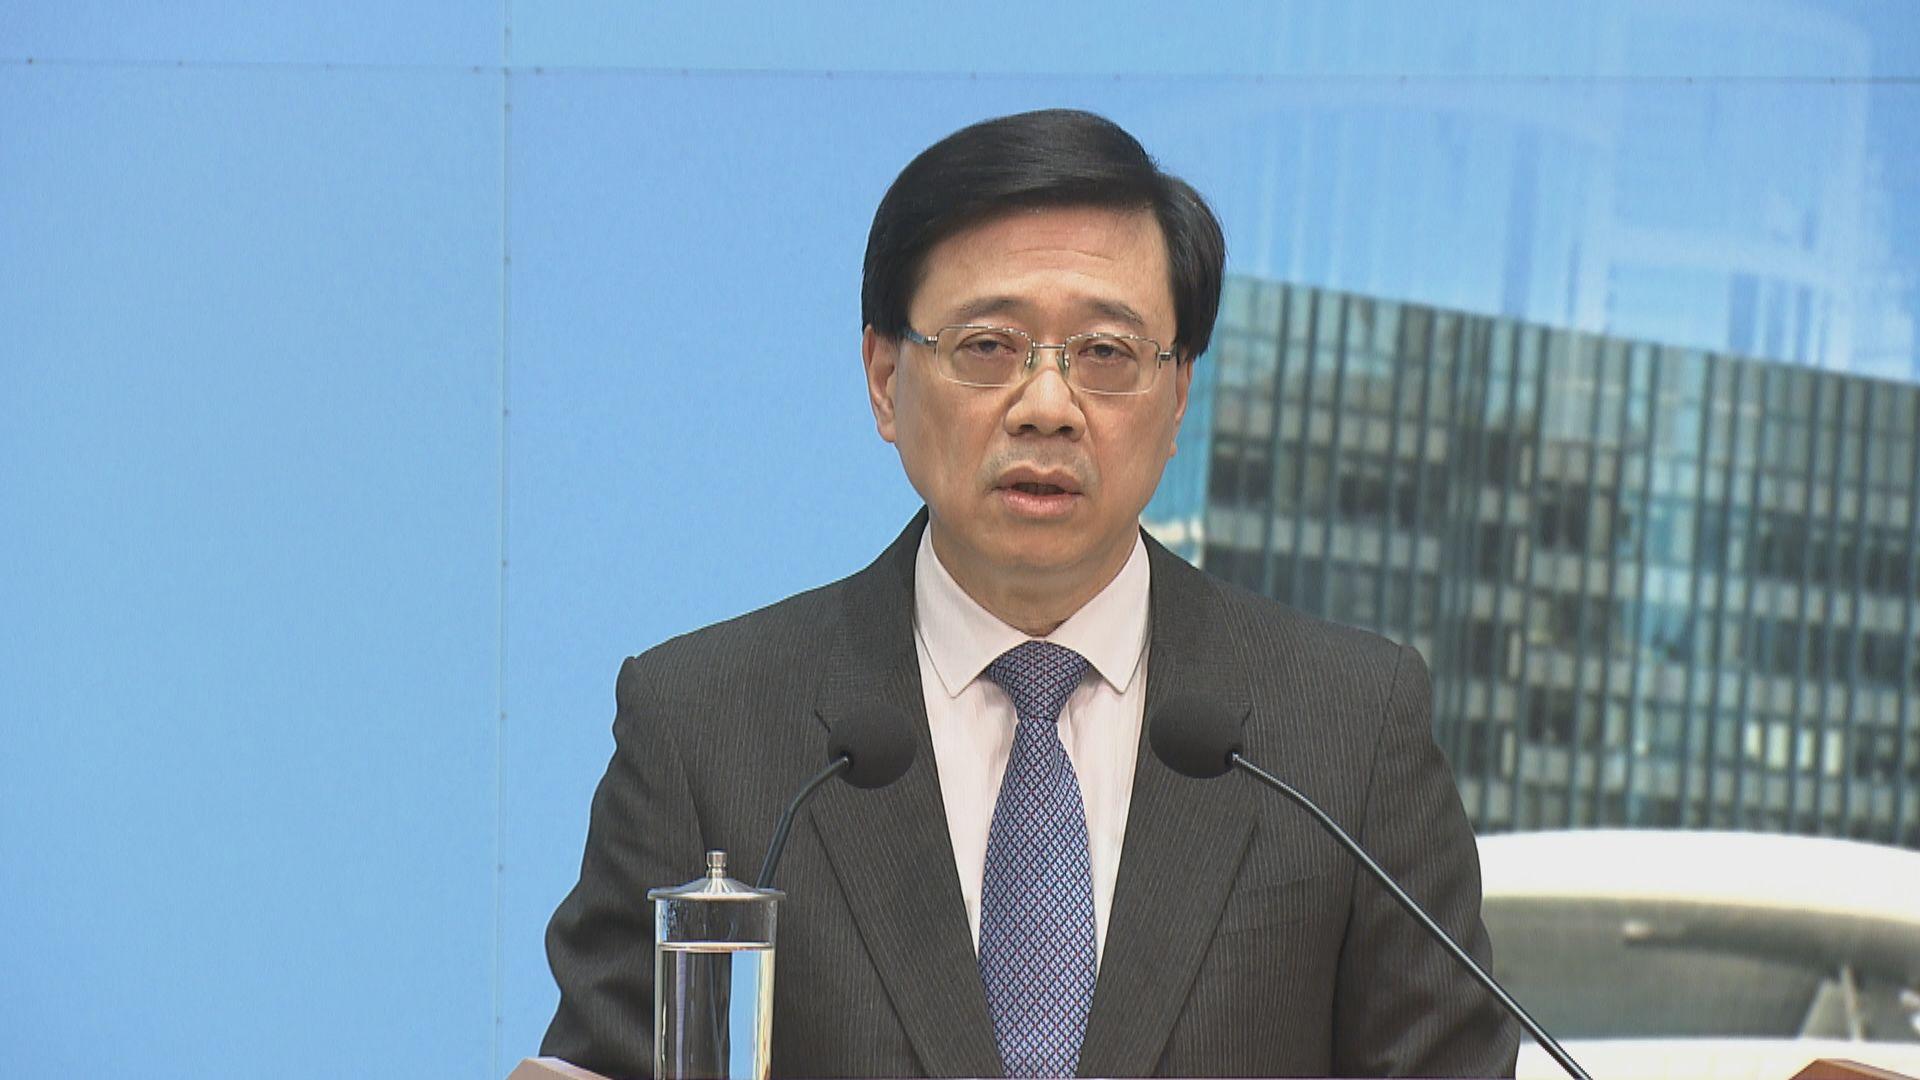 資審會裁定鄭松泰不符合選委資格 同時喪失議員資格